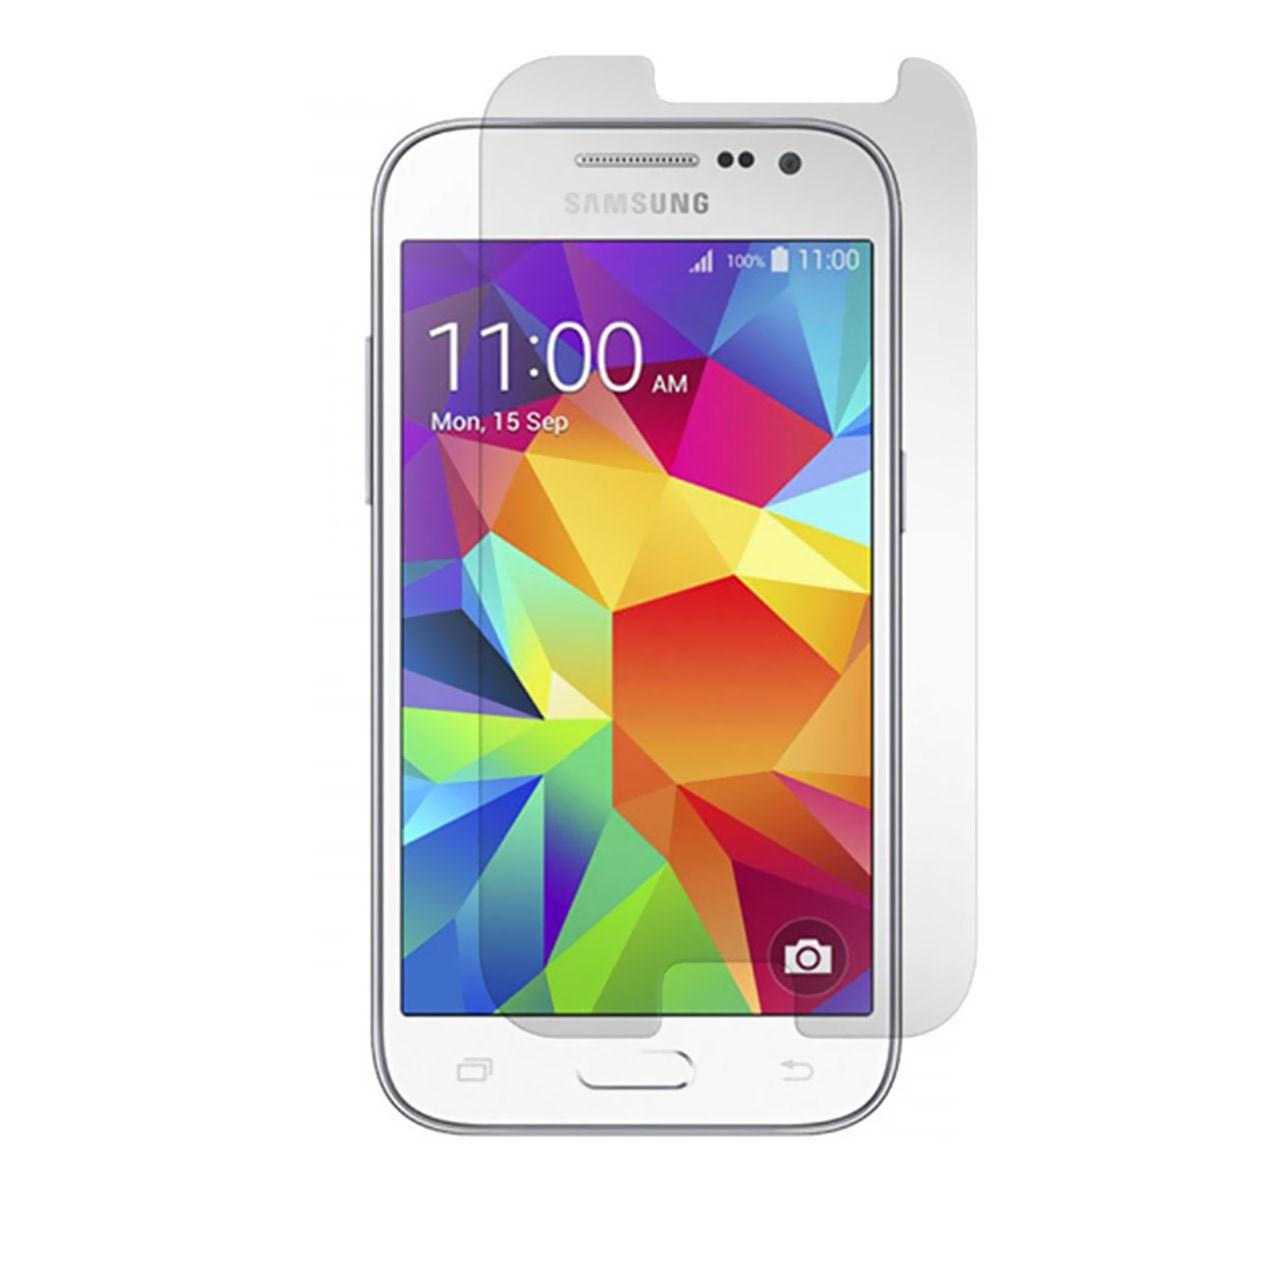 محافظ صفحه نمایش شیشه ای مدل Tempered مناسب برای گوشی موبایل سامسونگ Galaxy Core Prime